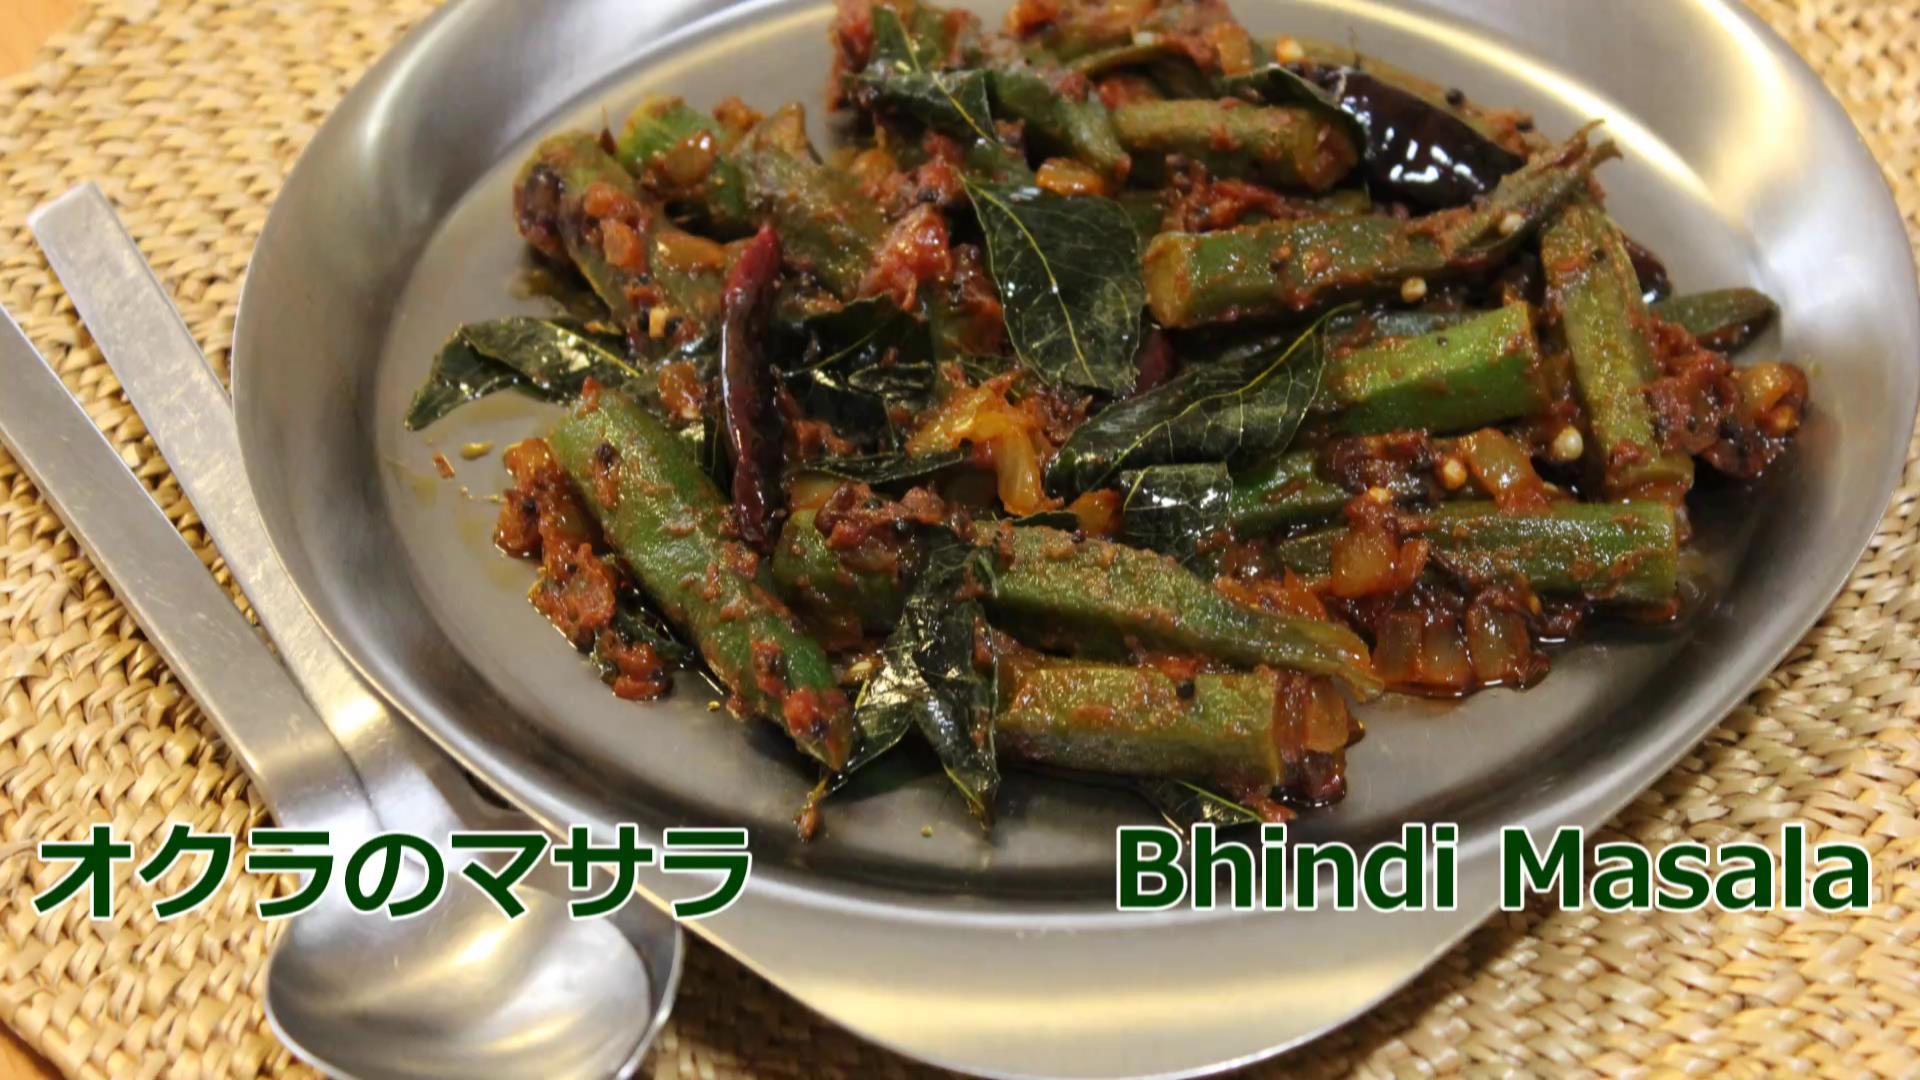 オクラのマサラbhindi masalaのレシピ